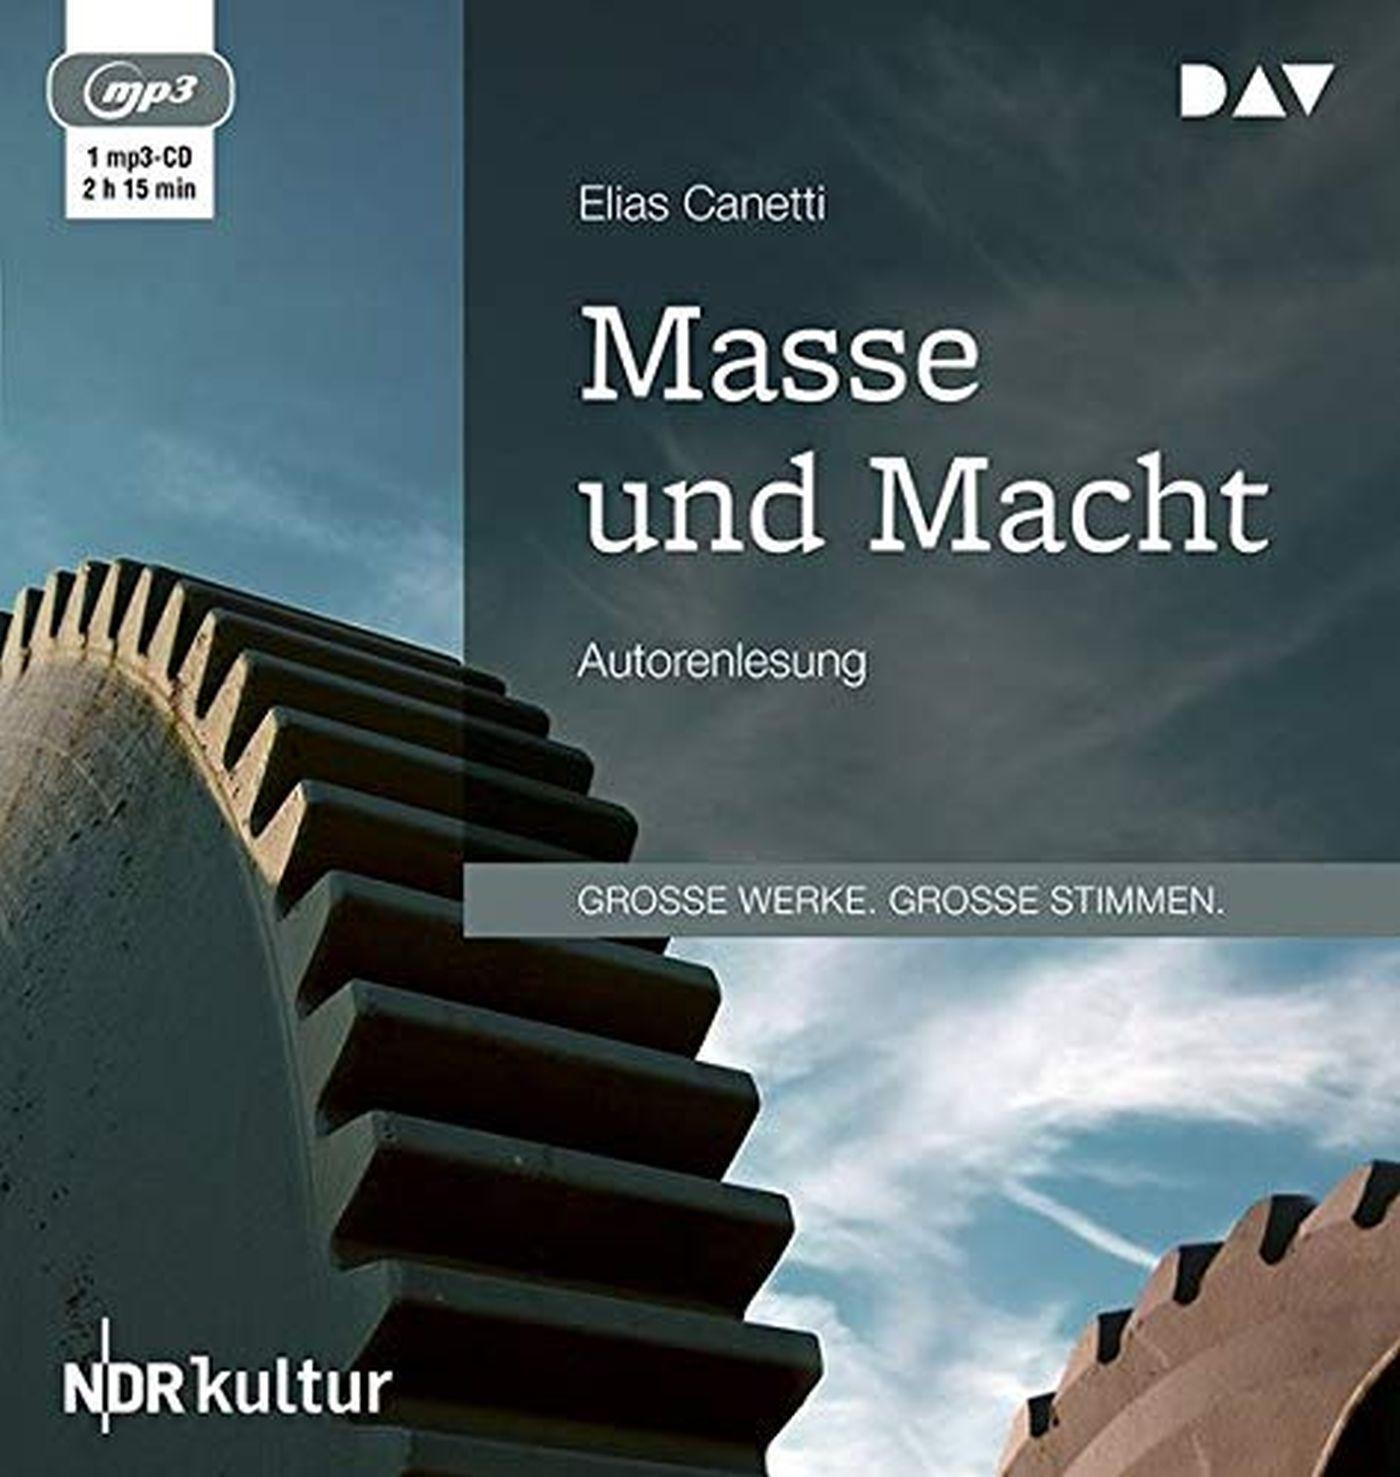 Elias Canetti - Masse und Macht